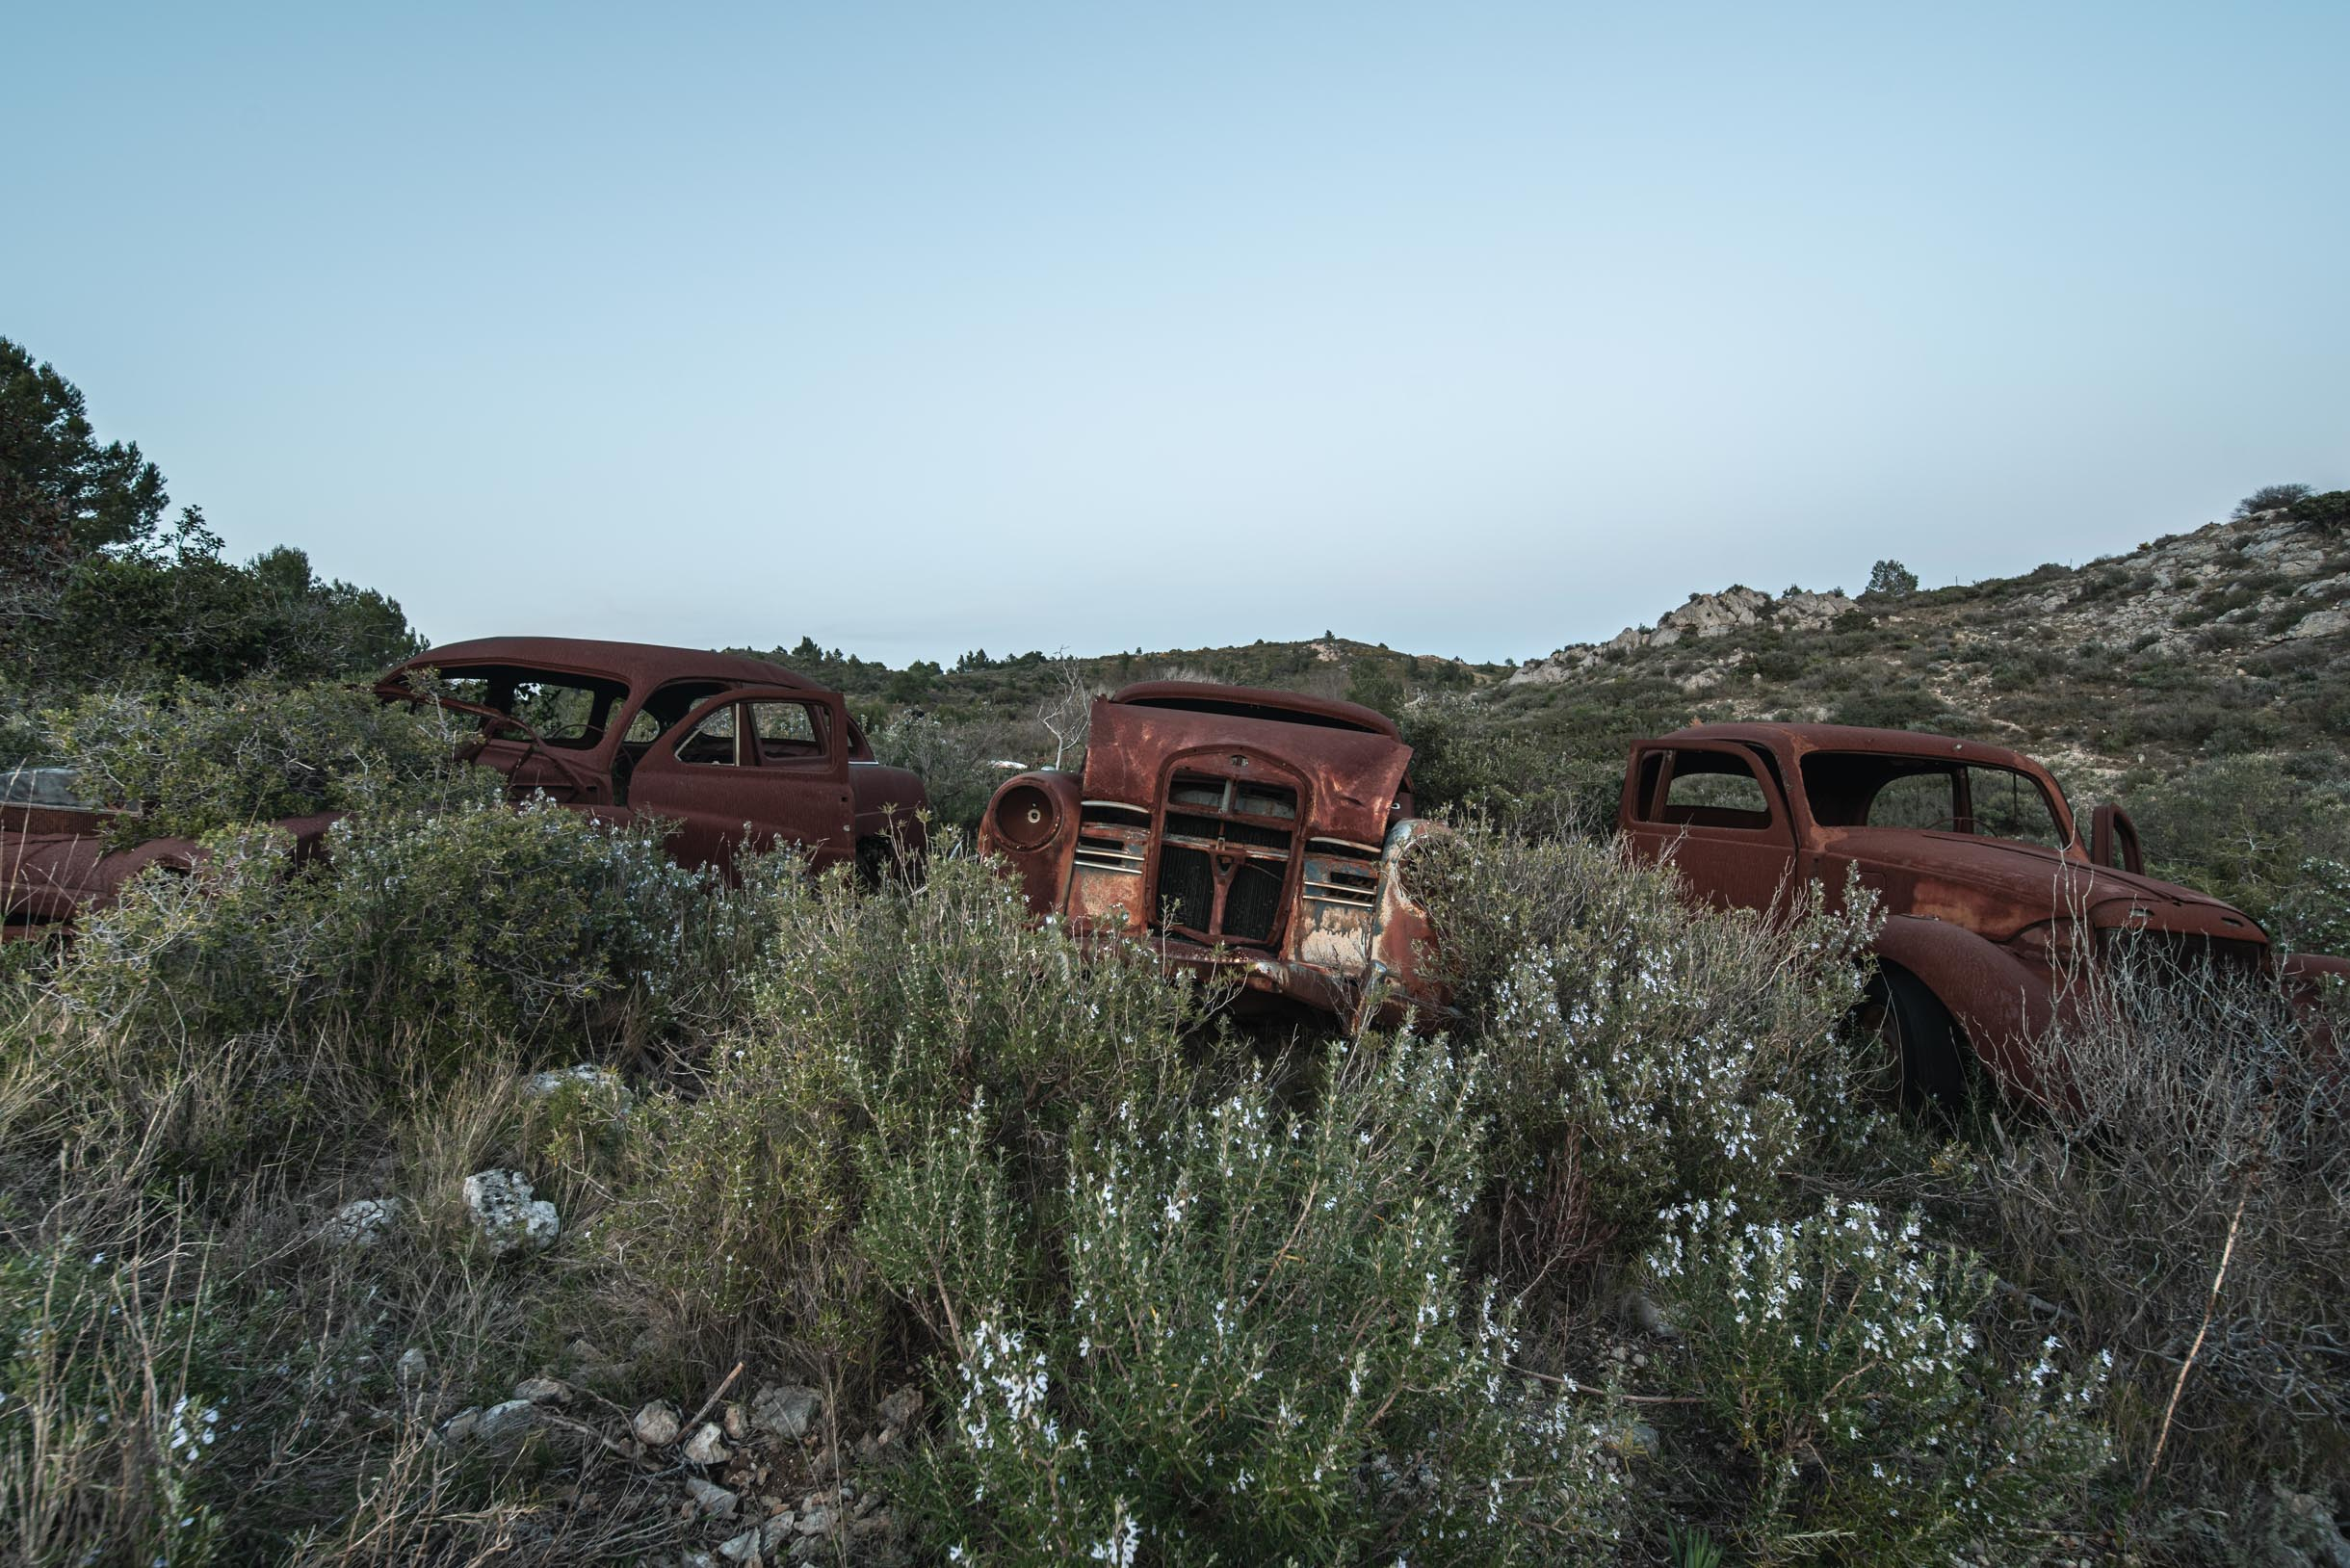 Lost Rusty Cars